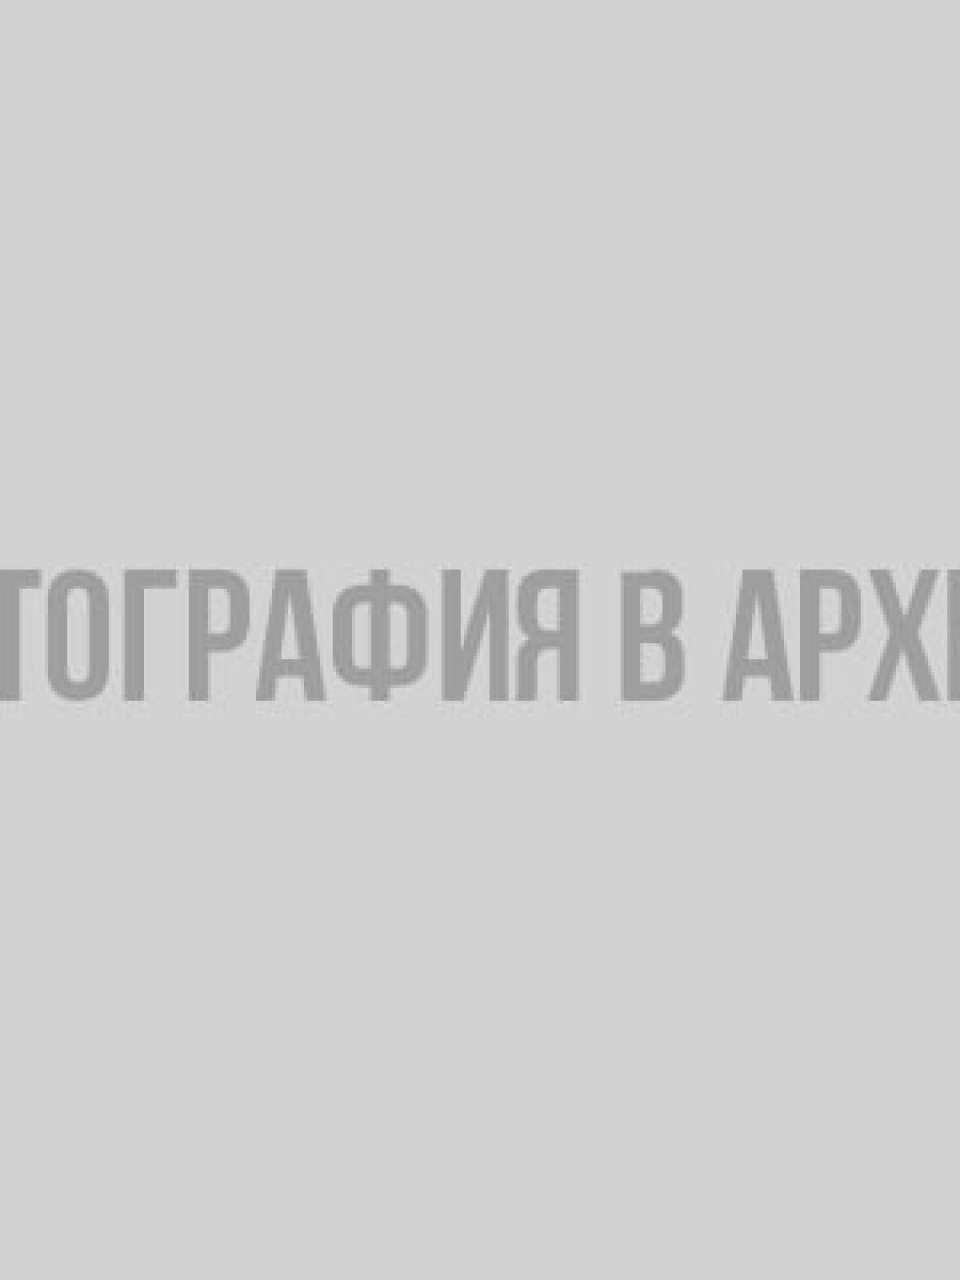 В Ломоносовском районе 77-летний пенсионер пять дней блуждал по лесу и сам вышел к людям Ломоносовский район, Ленобласть, заблудился в лесу